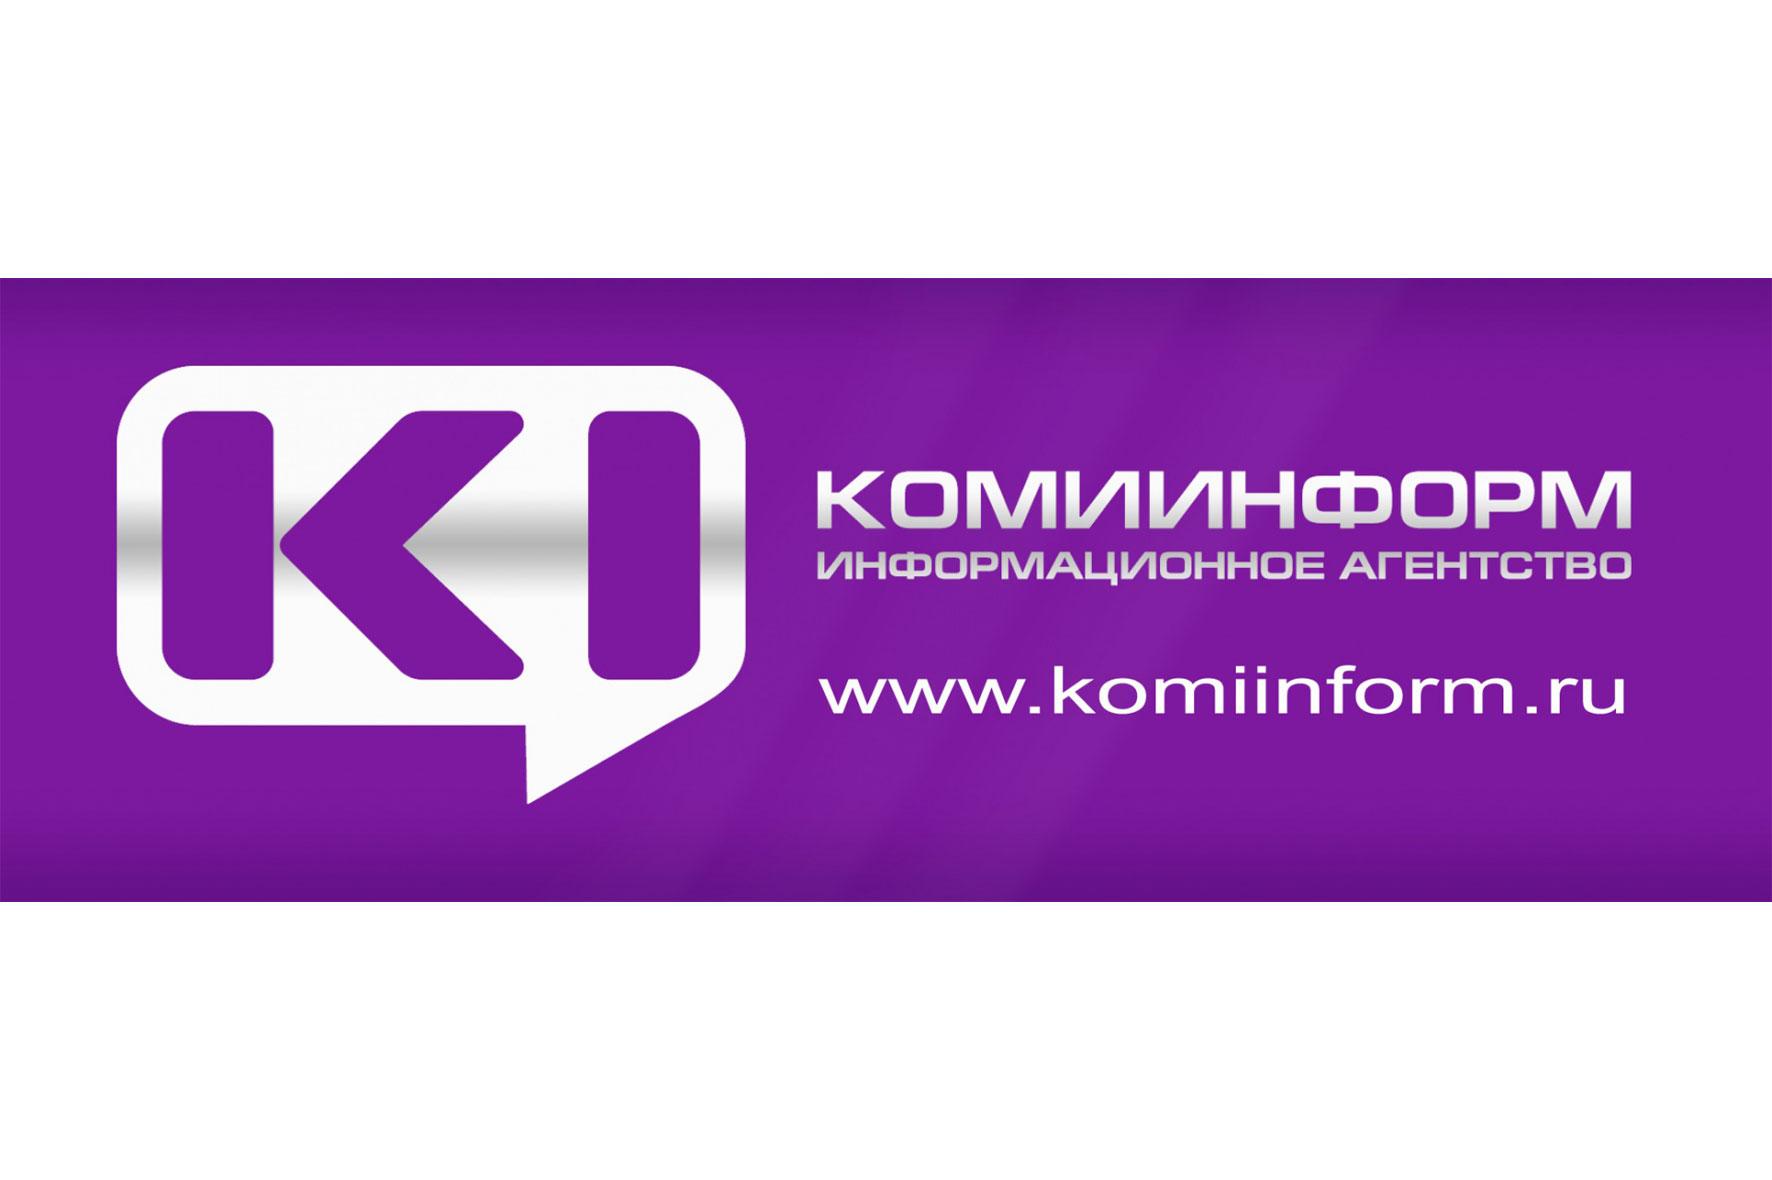 Об агентстве < Контакты | Комиинформ